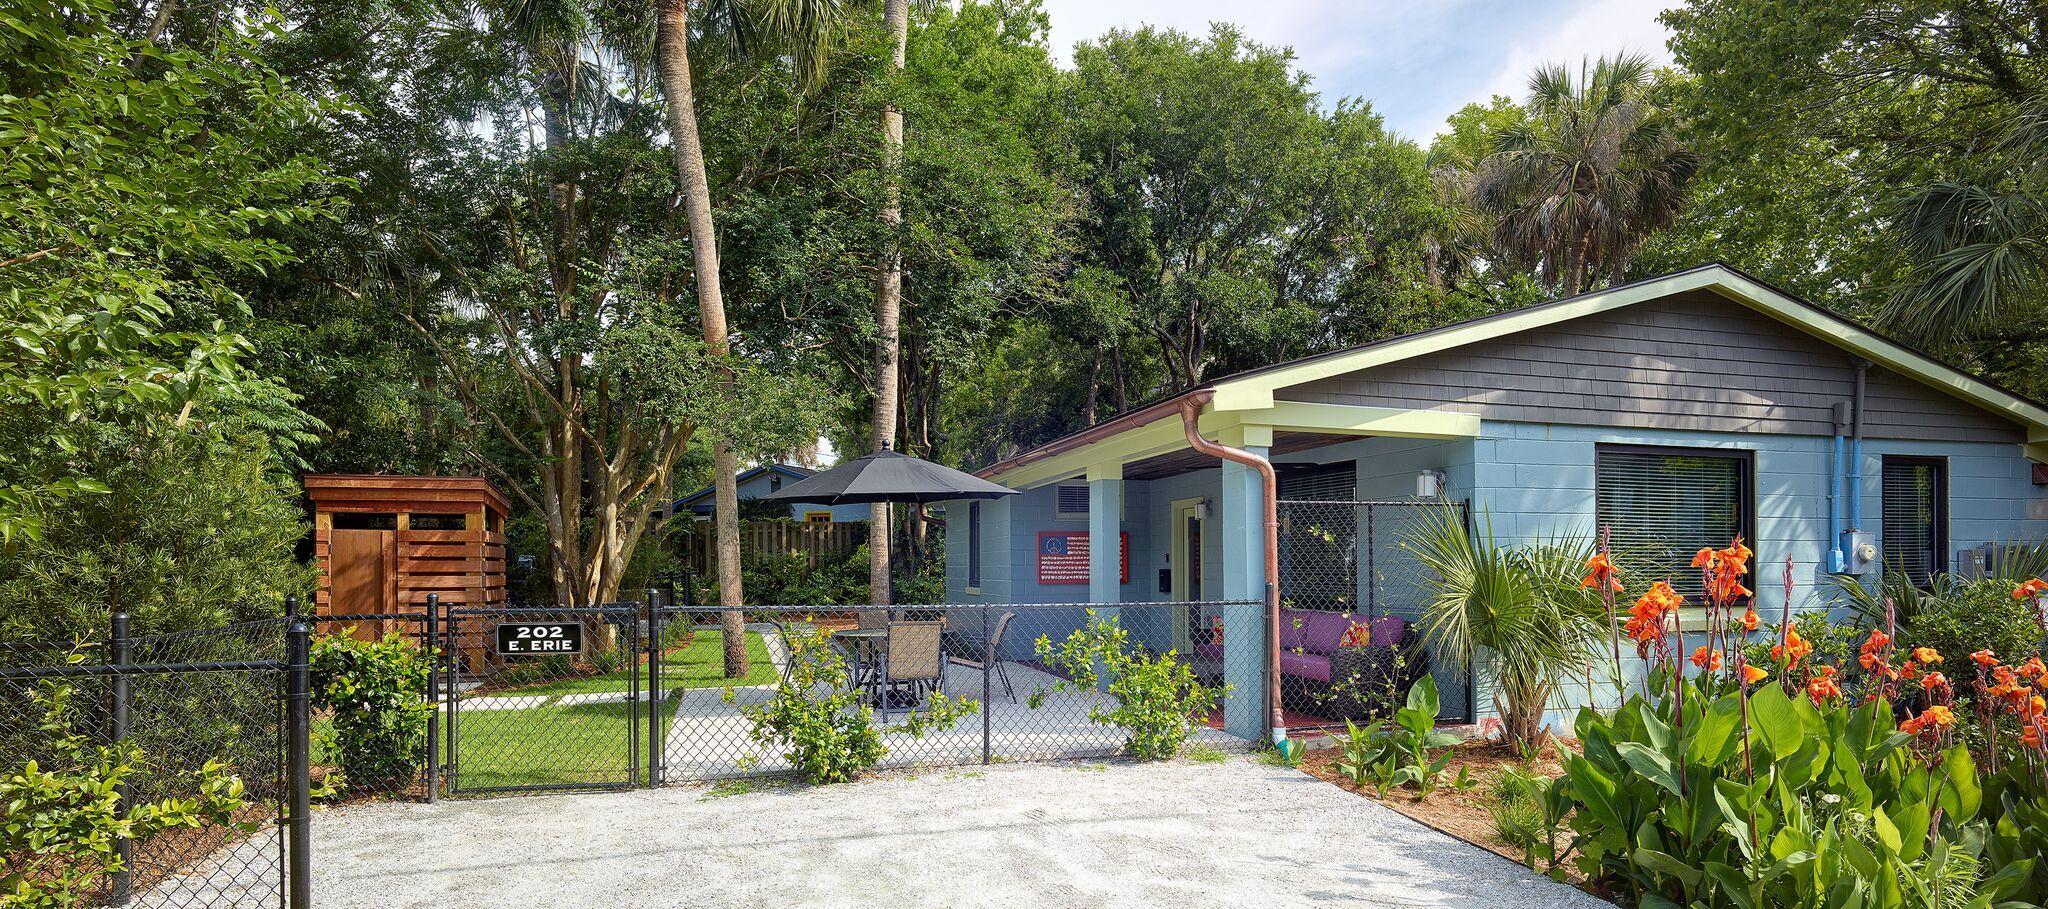 Pin on Beach House Vacation Rentals Folly Beach South Carolina